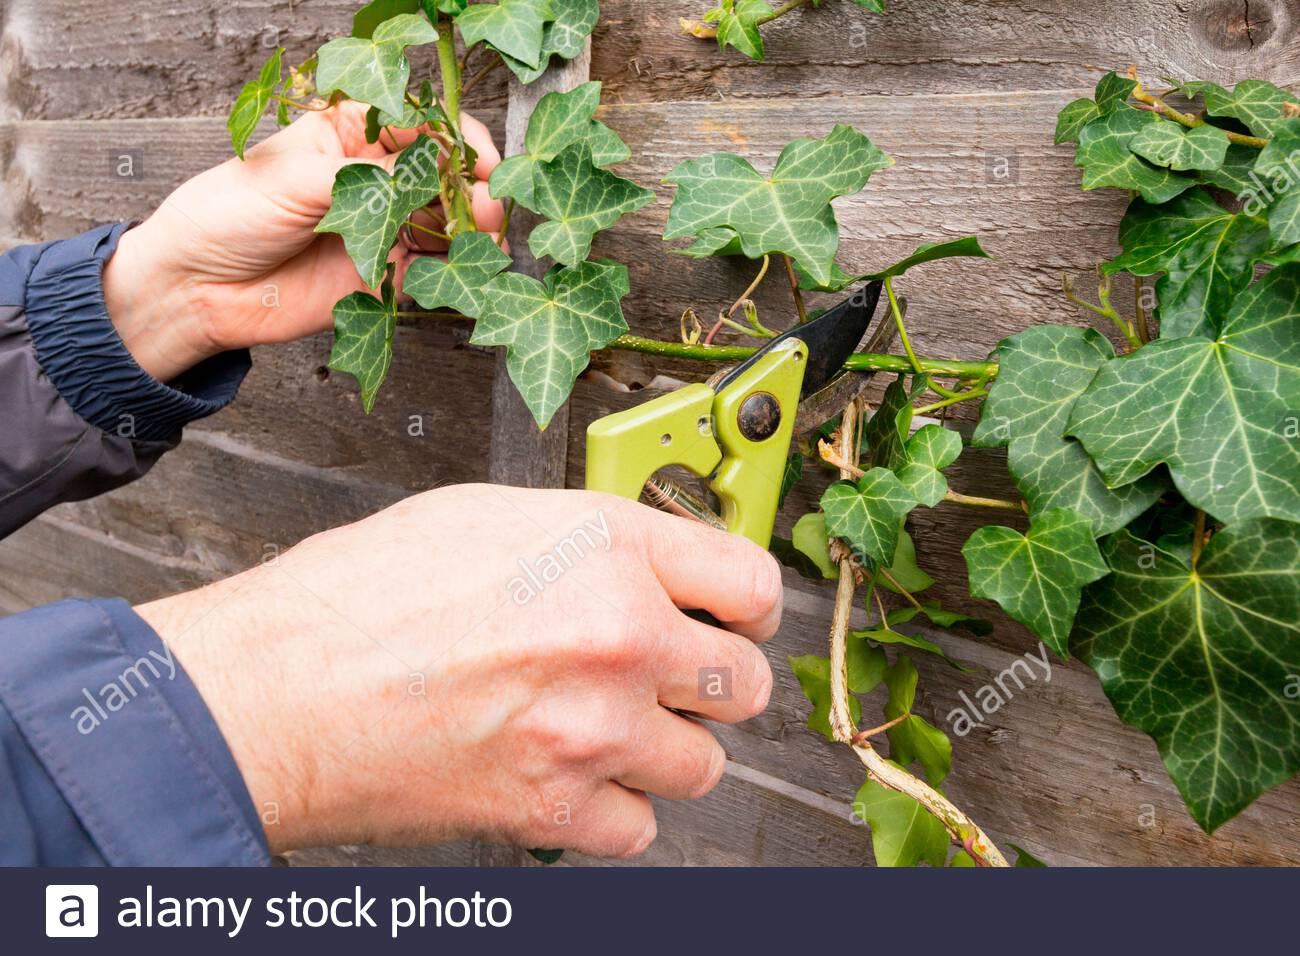 Jardinier taille arrière ivy plante qui pousse sur une clôture Banque D'Images